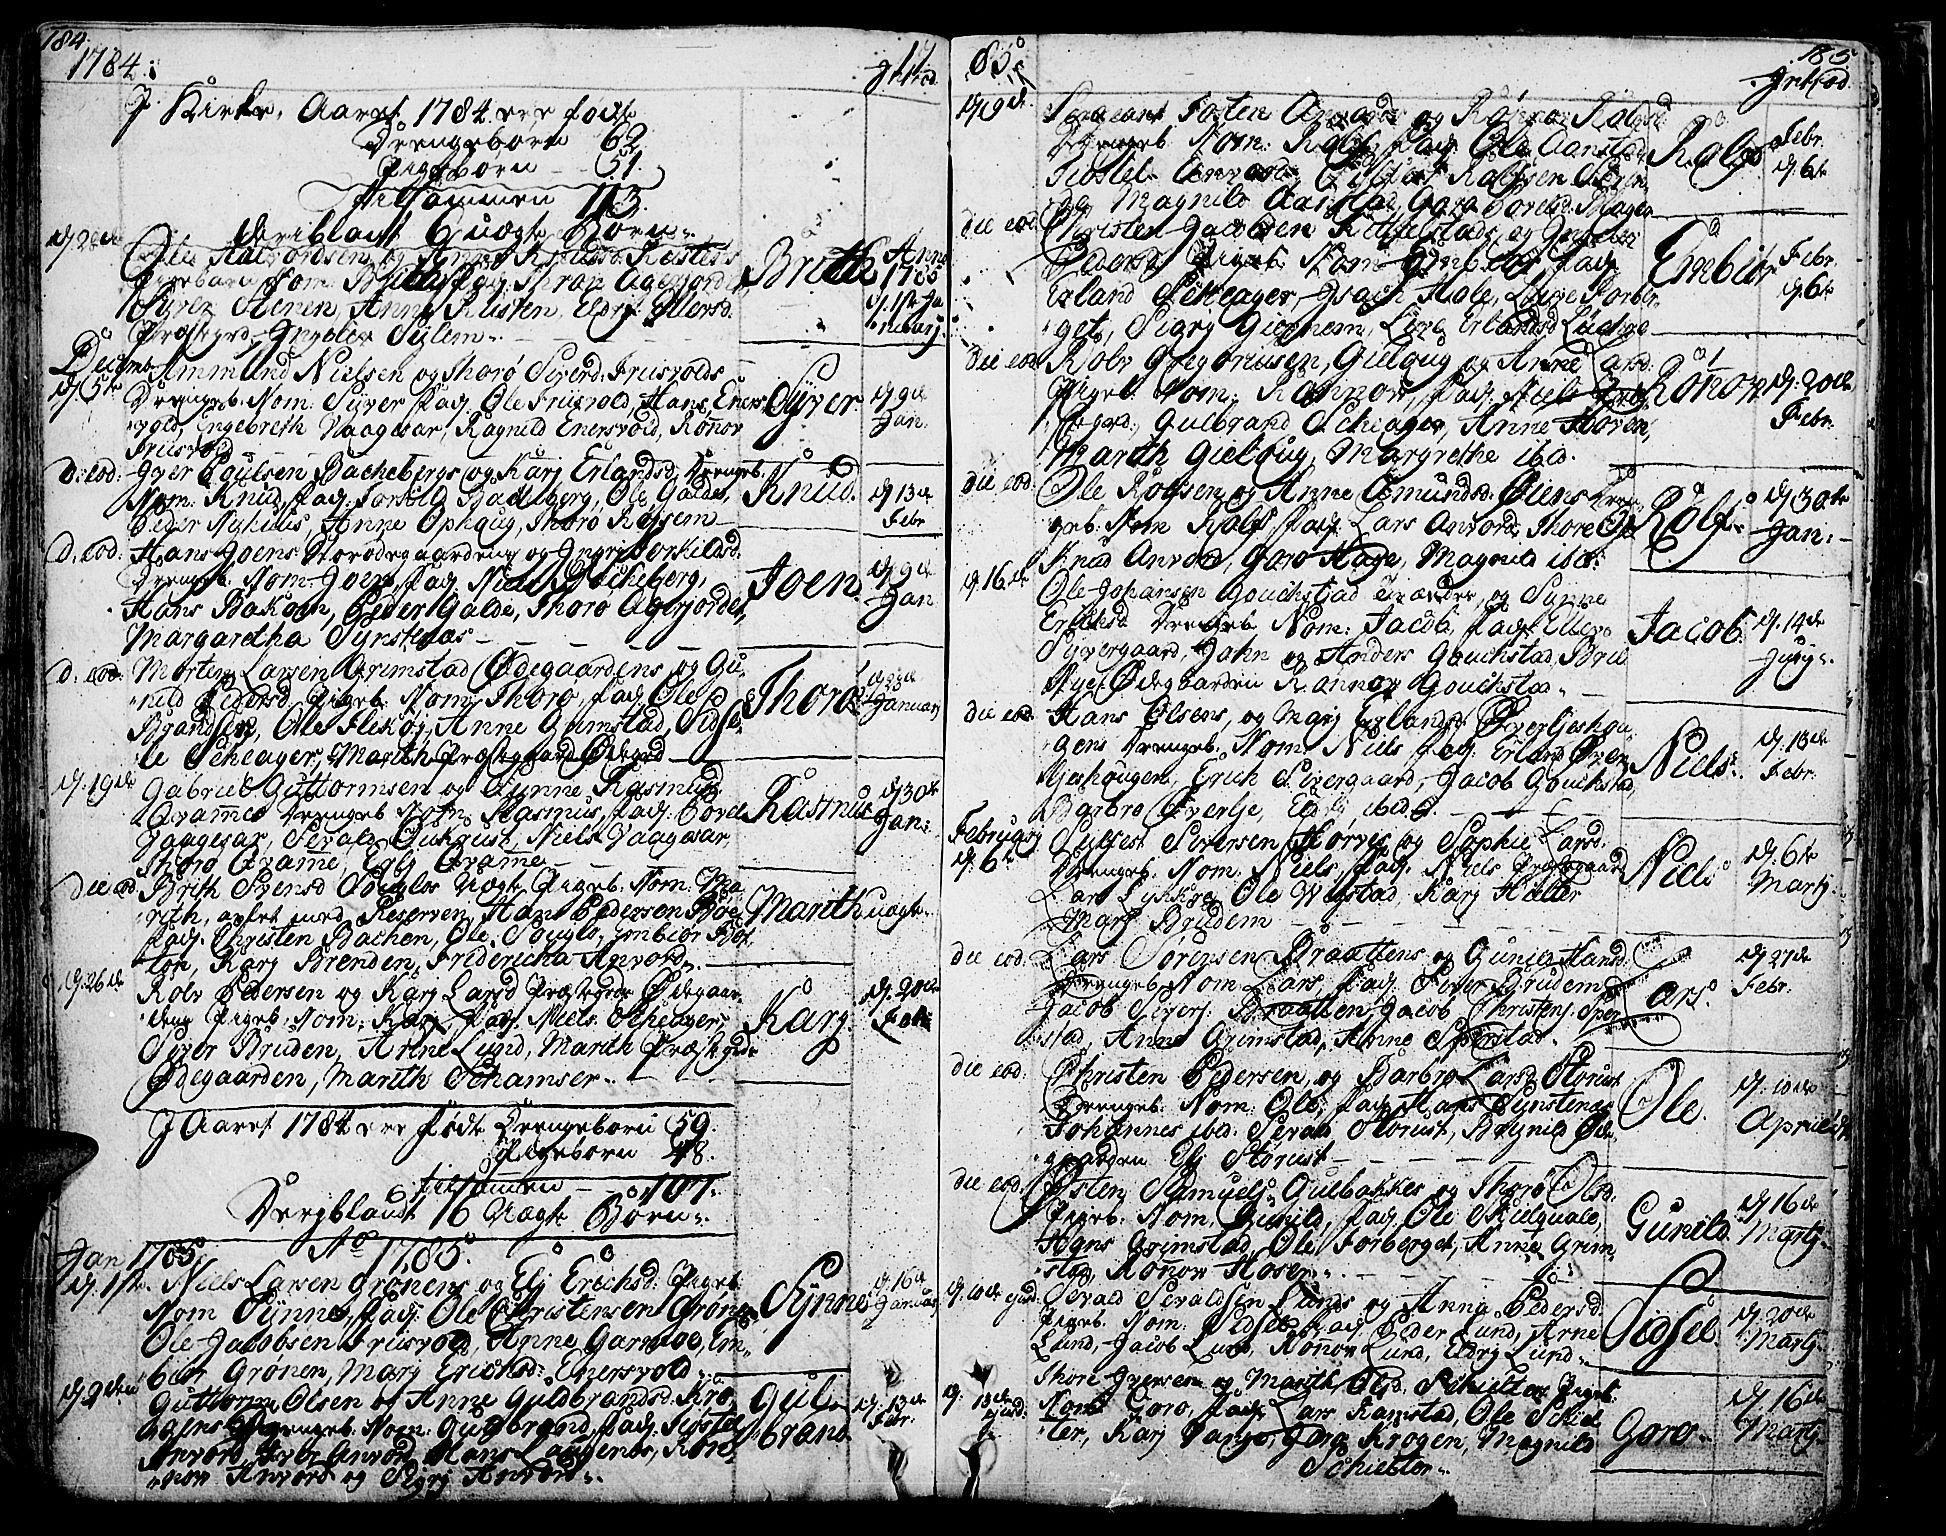 SAH, Lom prestekontor, K/L0002: Ministerialbok nr. 2, 1749-1801, s. 184-185